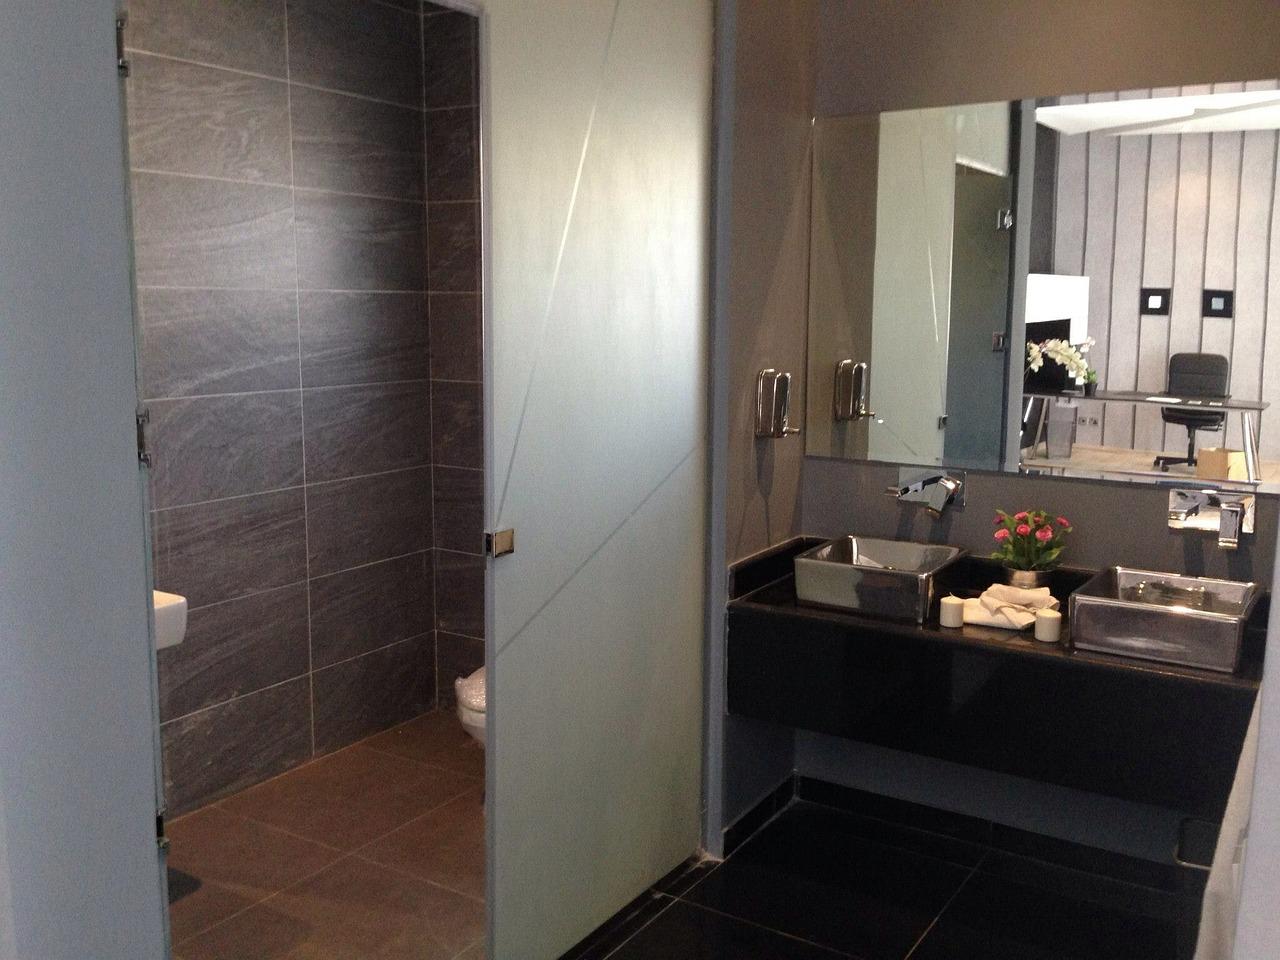 Bagno Cieco Areazione Forzata bagno doccia, idee e consigli - paginegialle casa